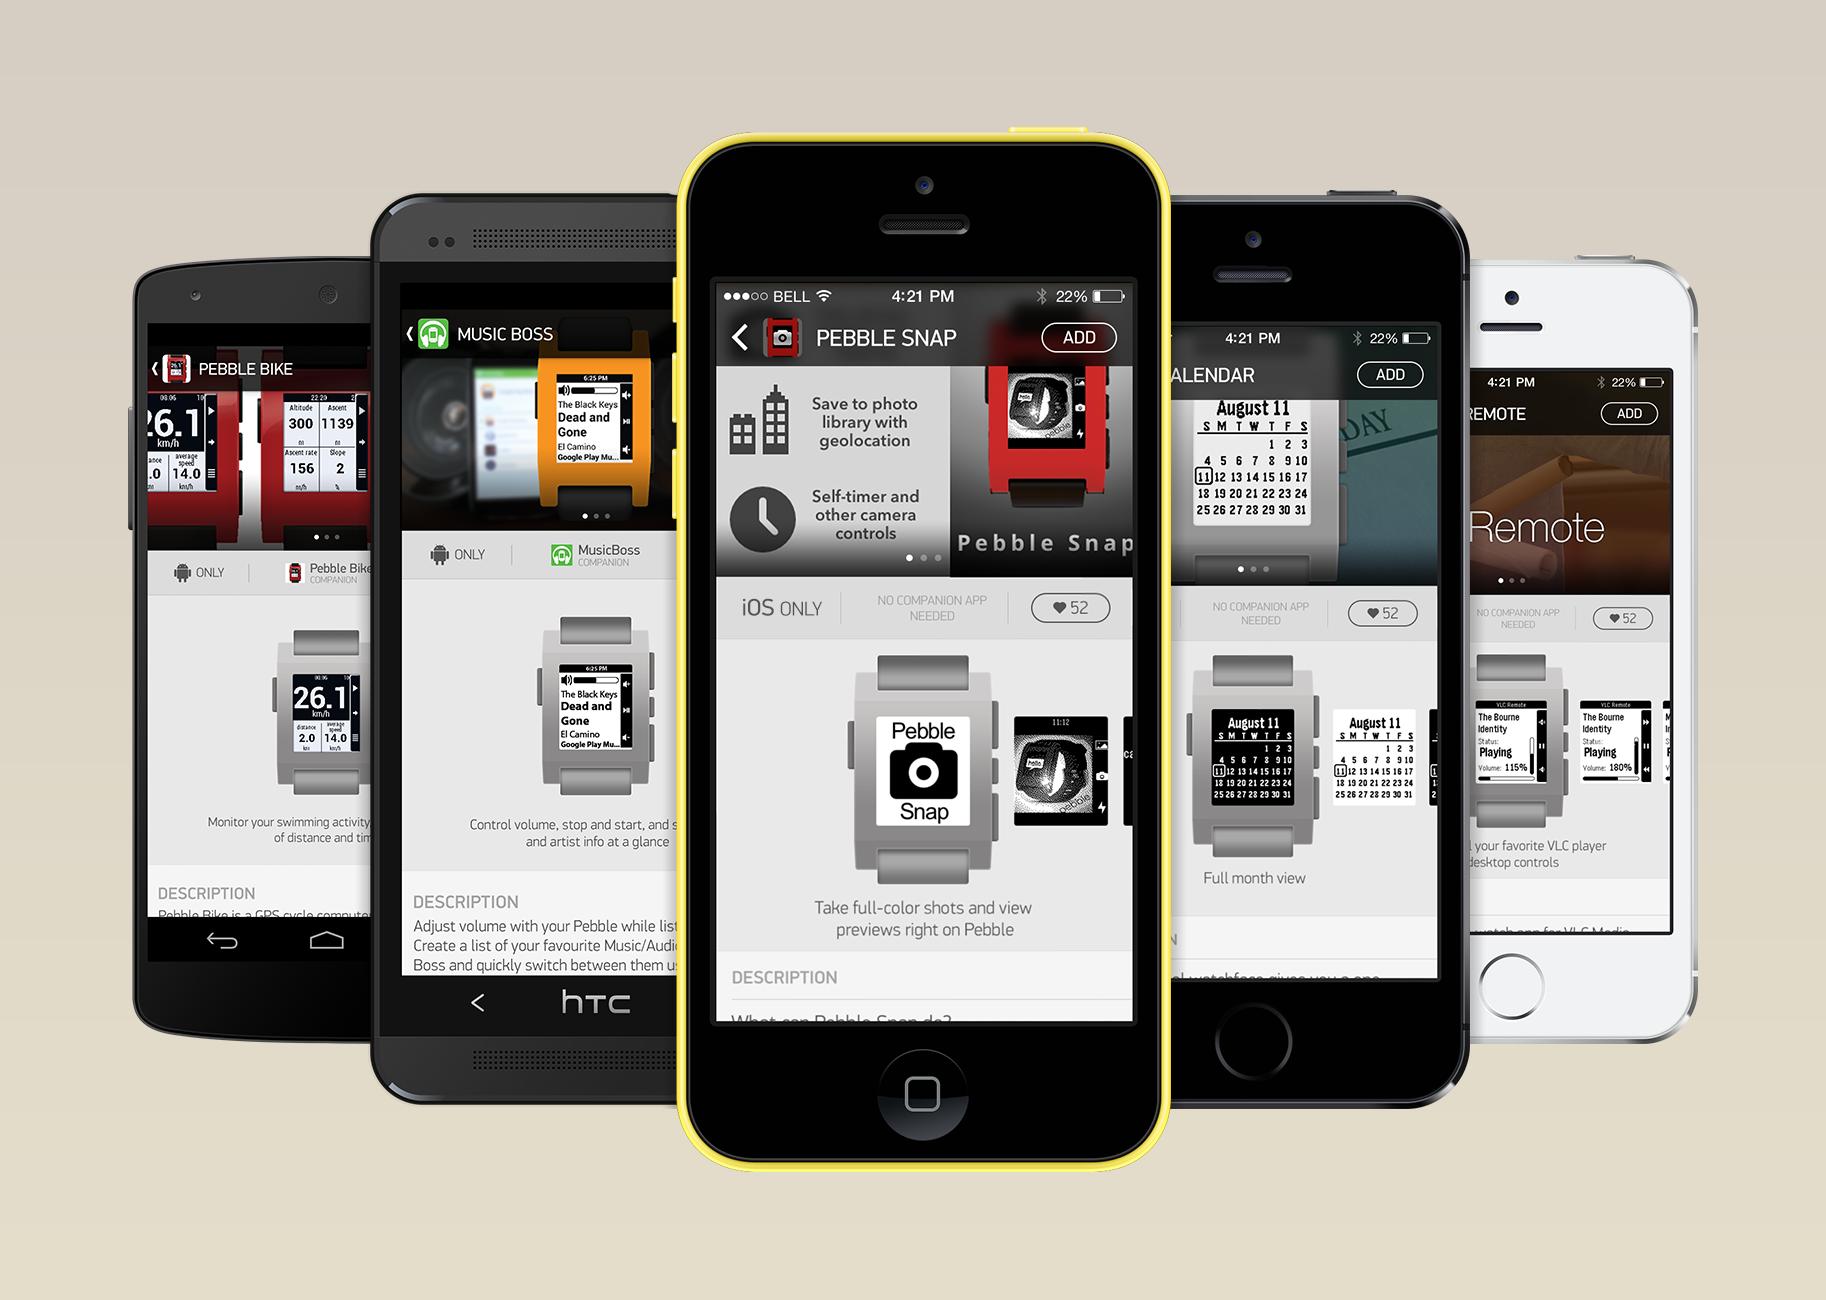 Getpebble Com App